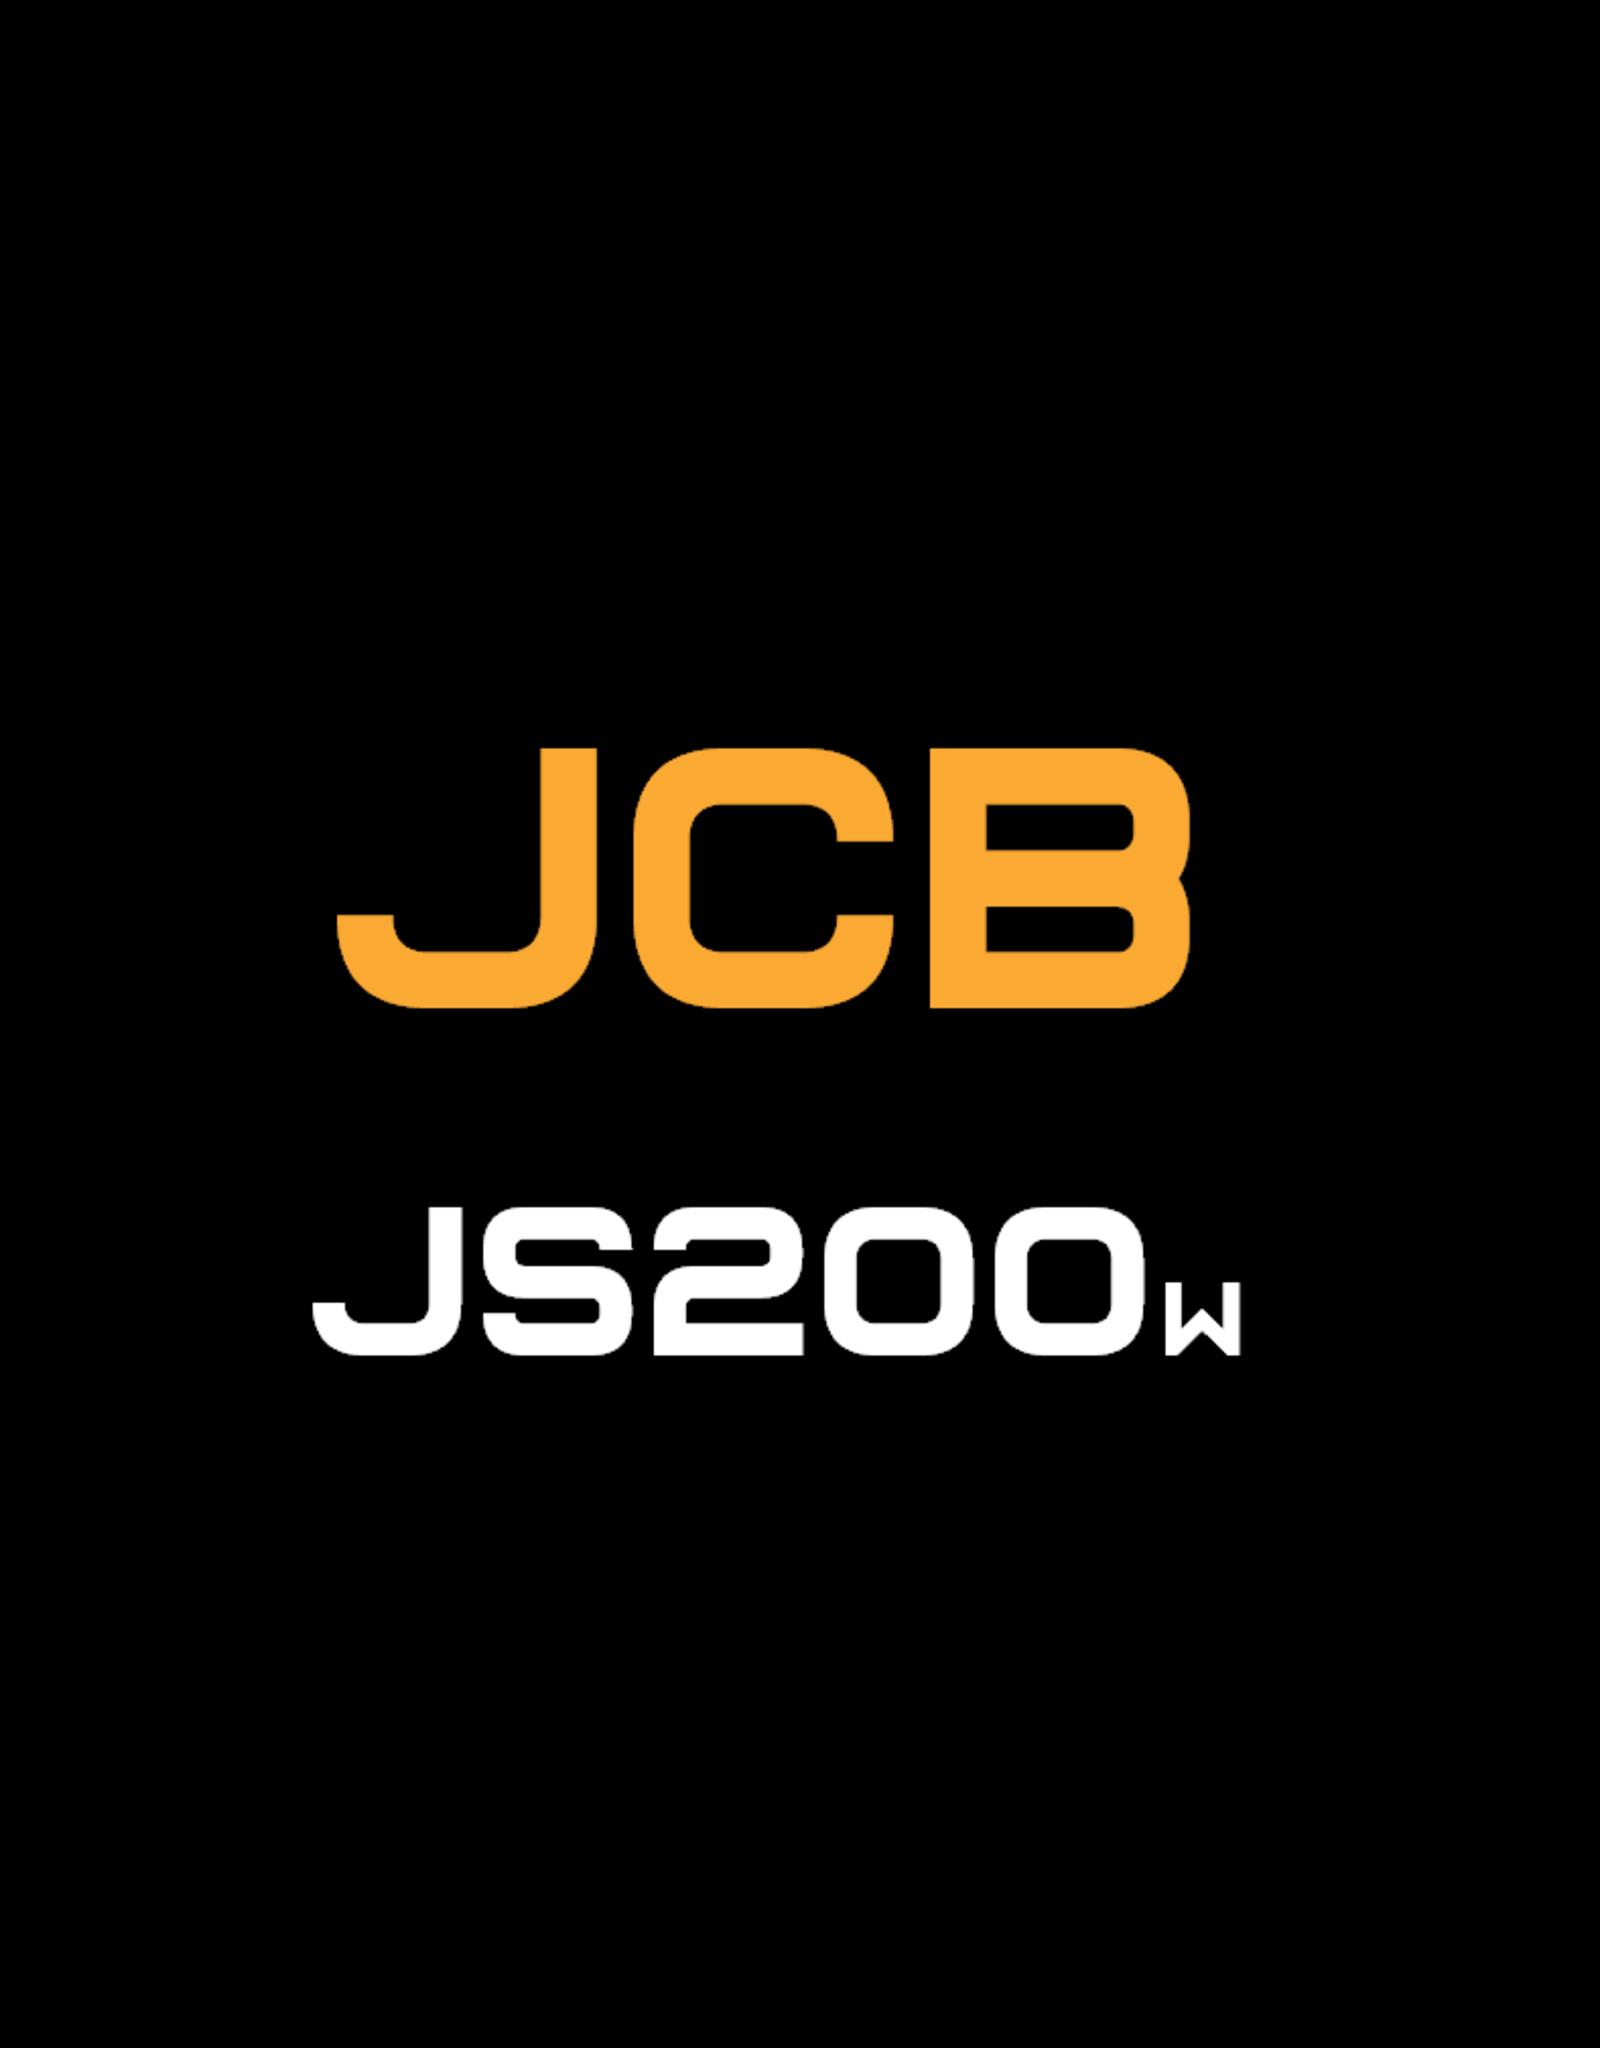 Echle Hartstahl GmbH FOPS for JCB JS200W